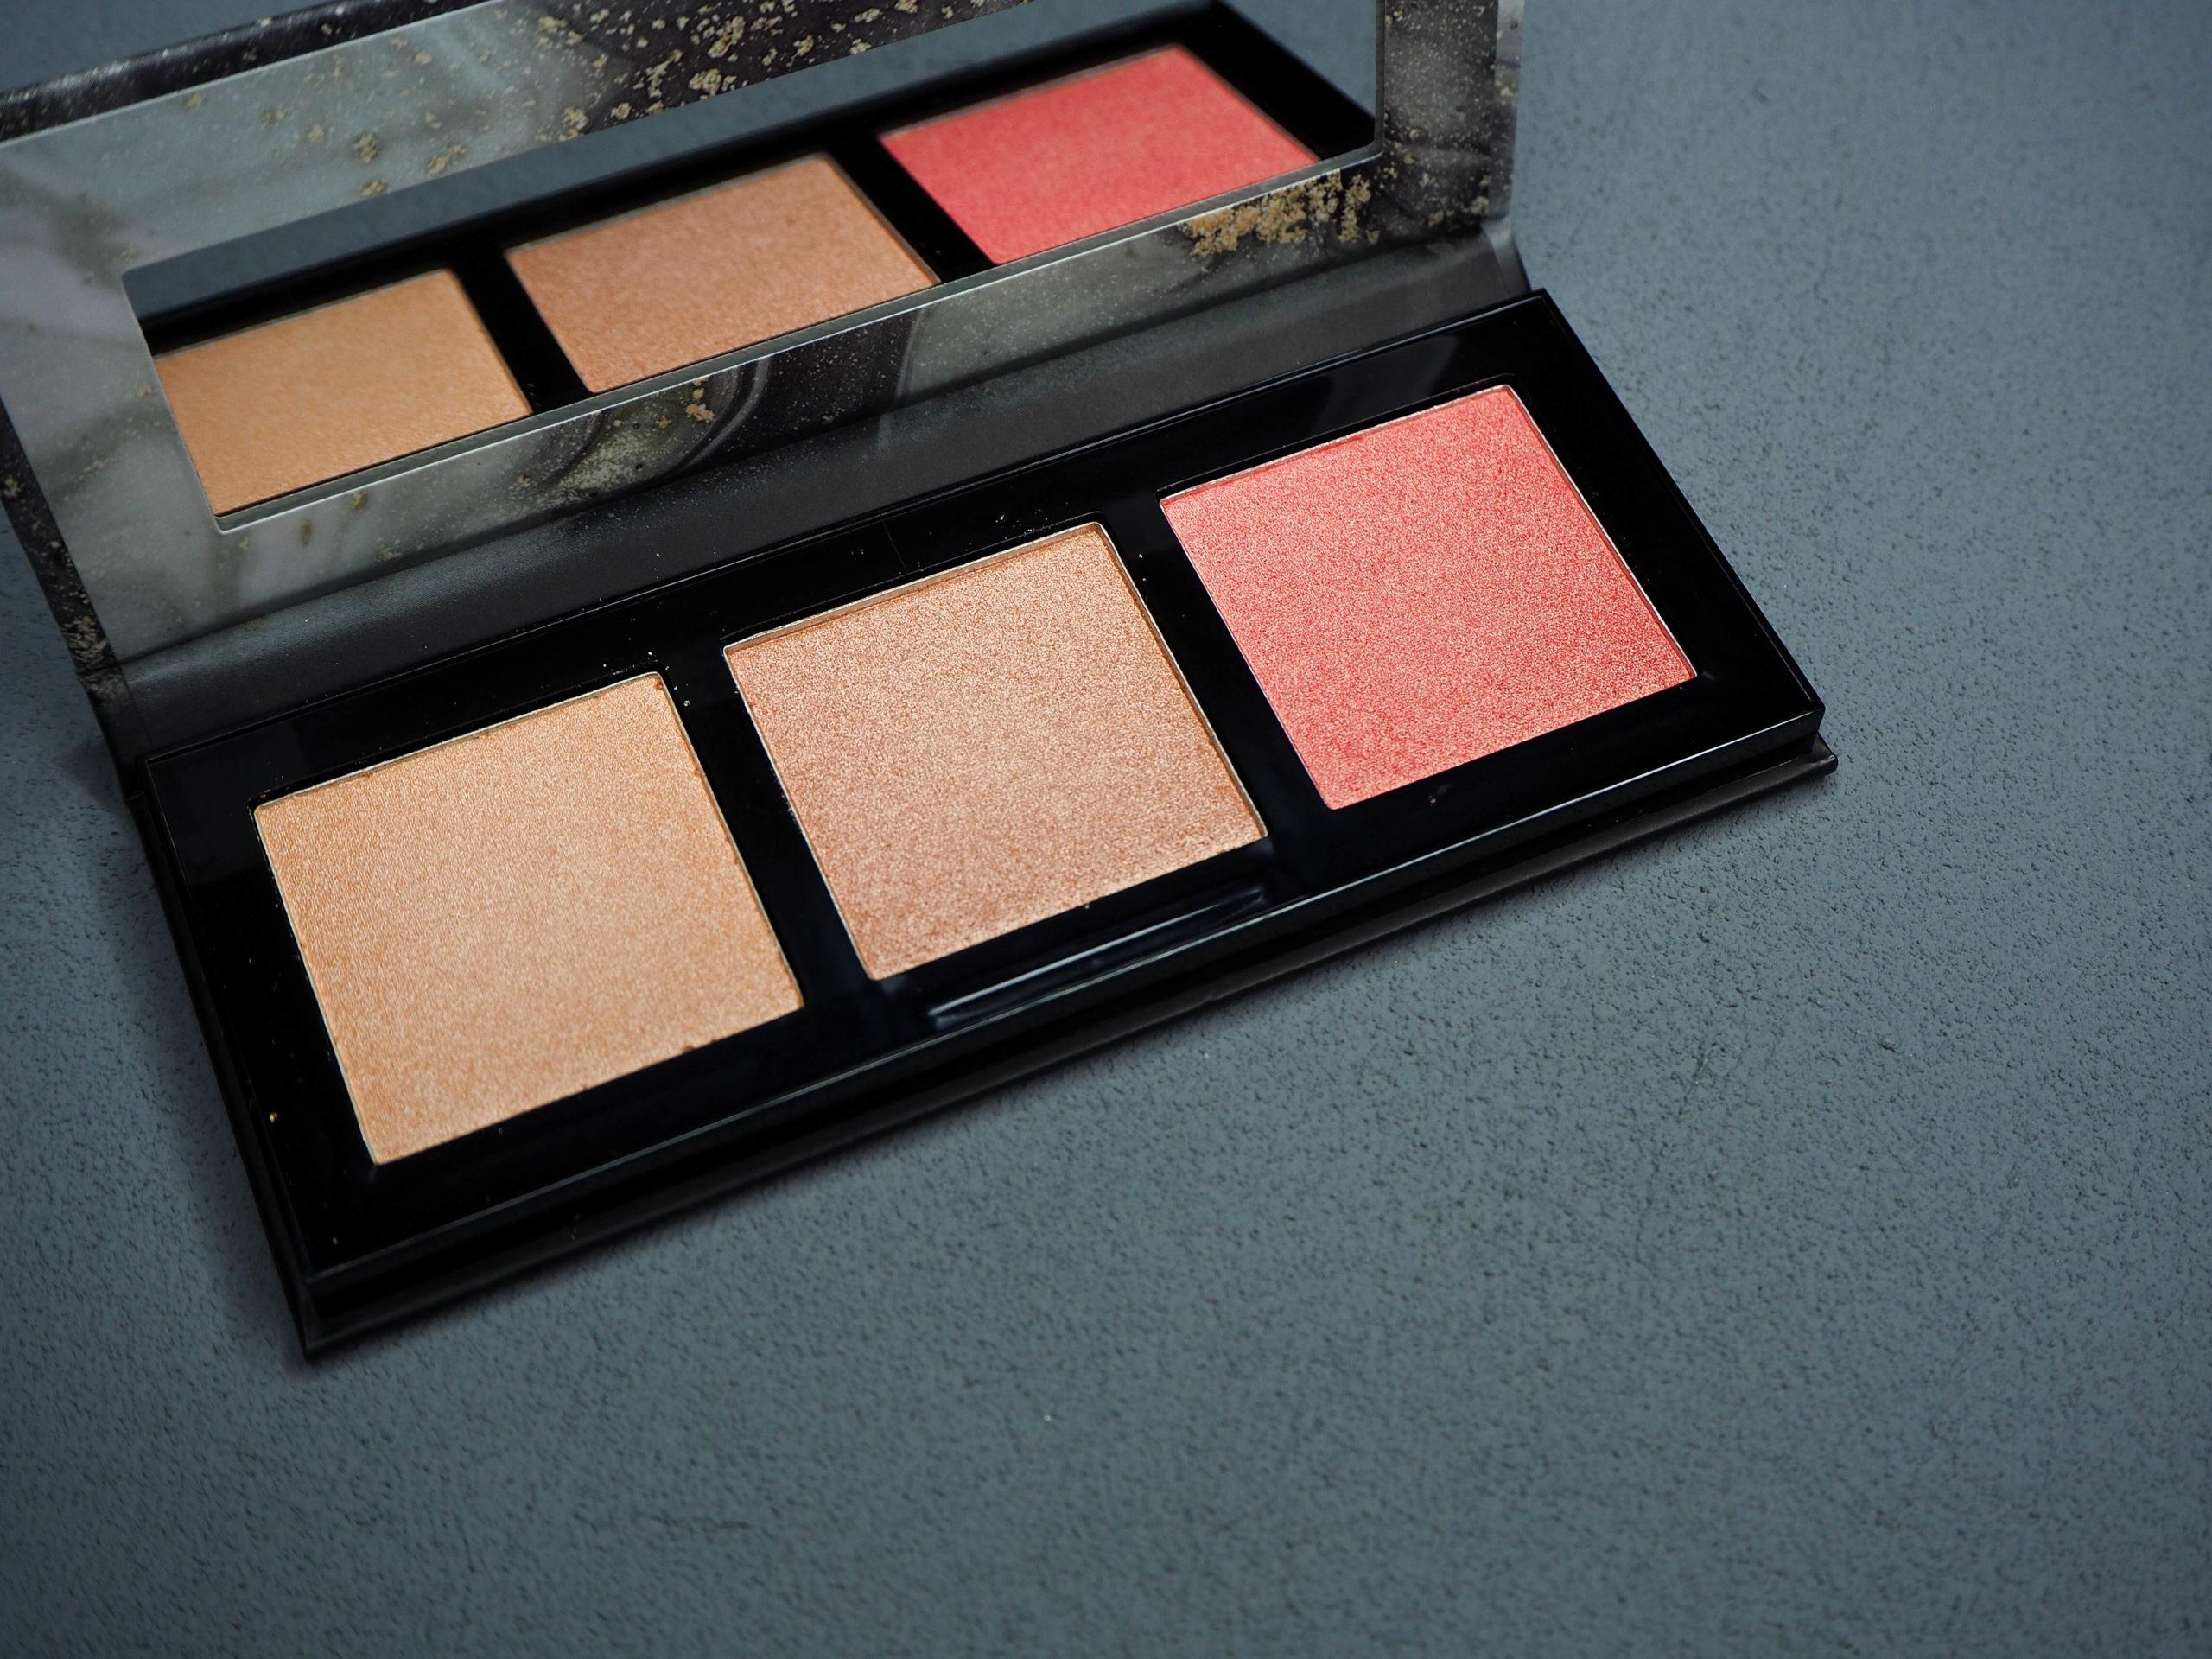 Catrice Luminice Highlight und Blush Glow Palette echtkathrin